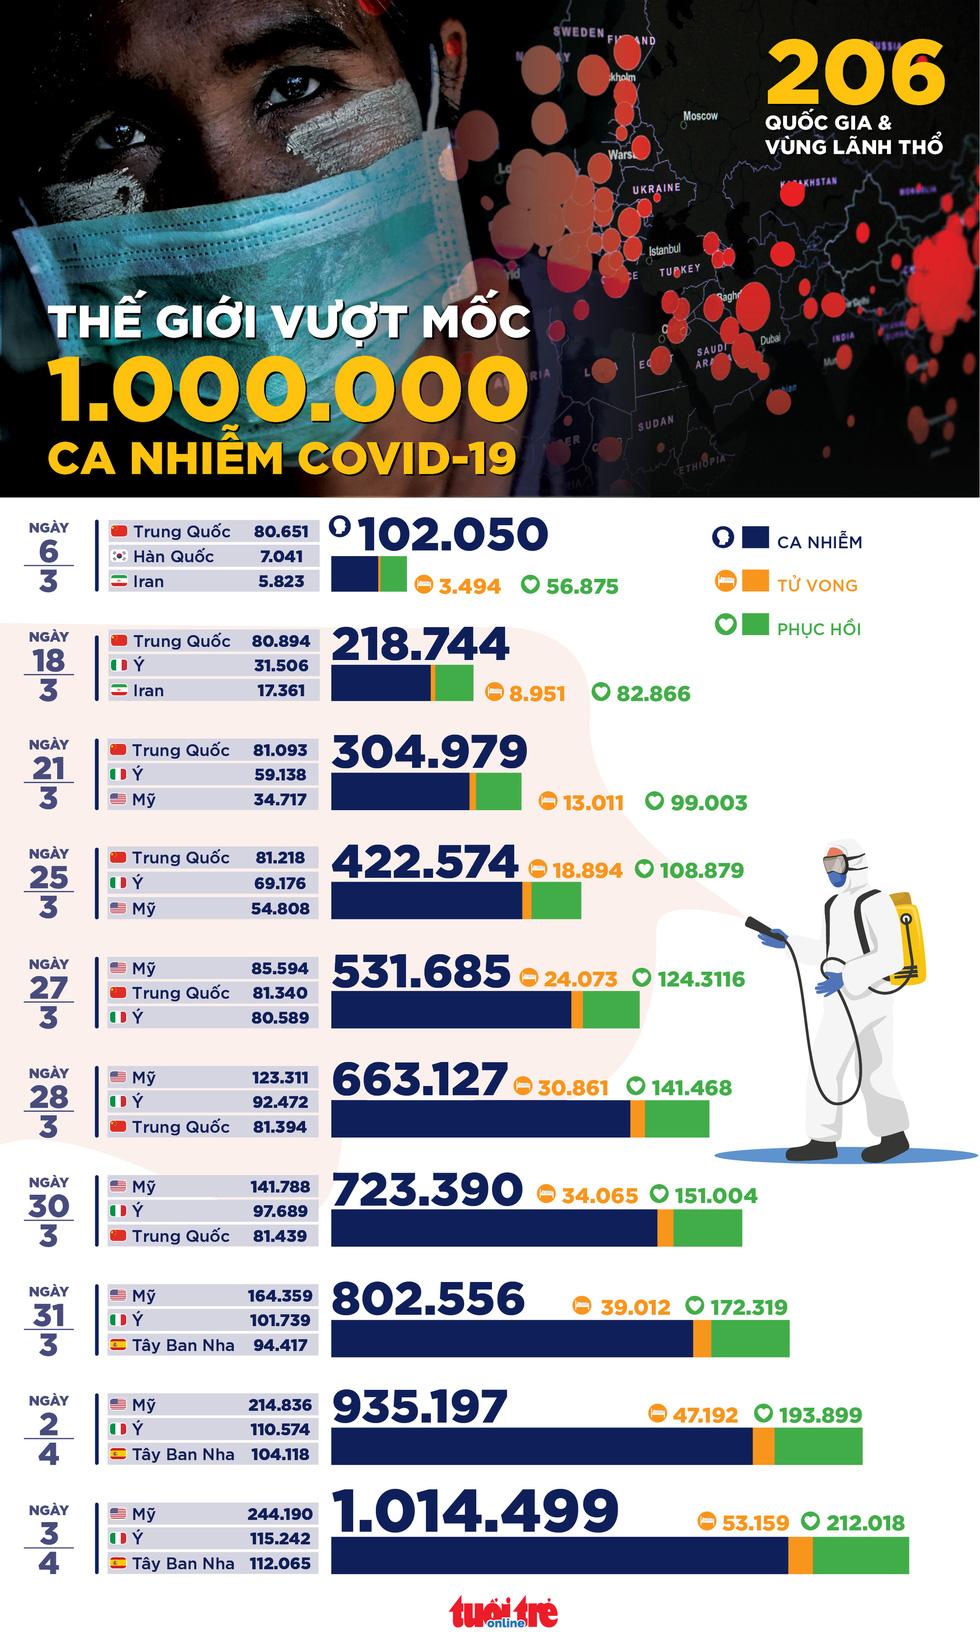 1 triệu ca mắc COVID-19 và những cột mốc bị phá vỡ - Ảnh 1.